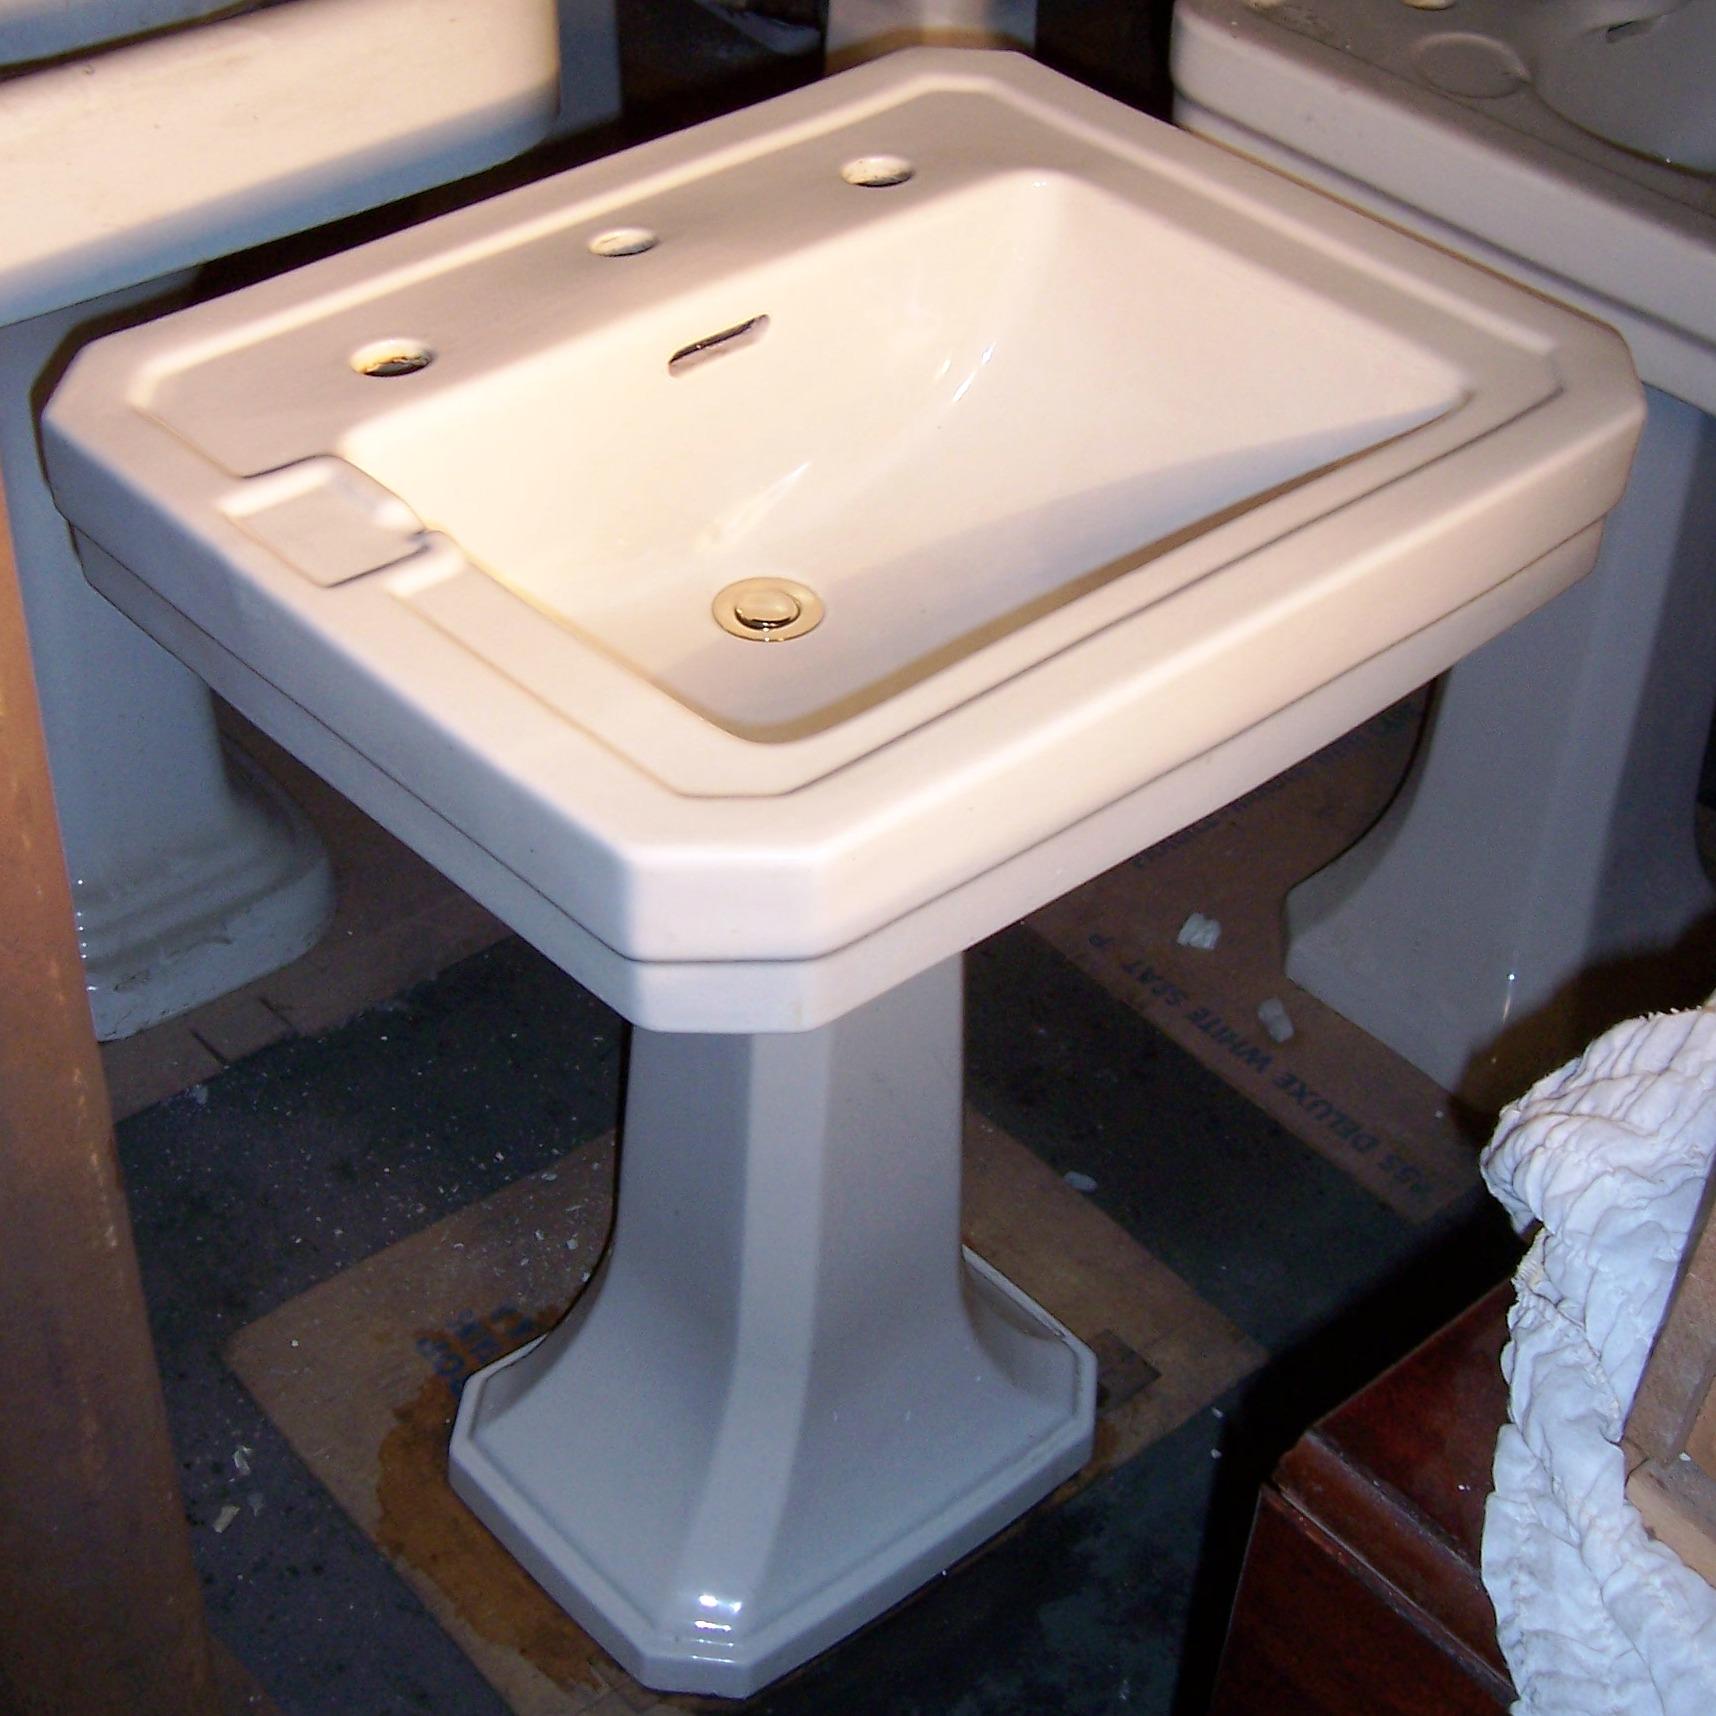 20 Pedestal Sink : Case 24? x 20? China Pedestal Sink -$490.00